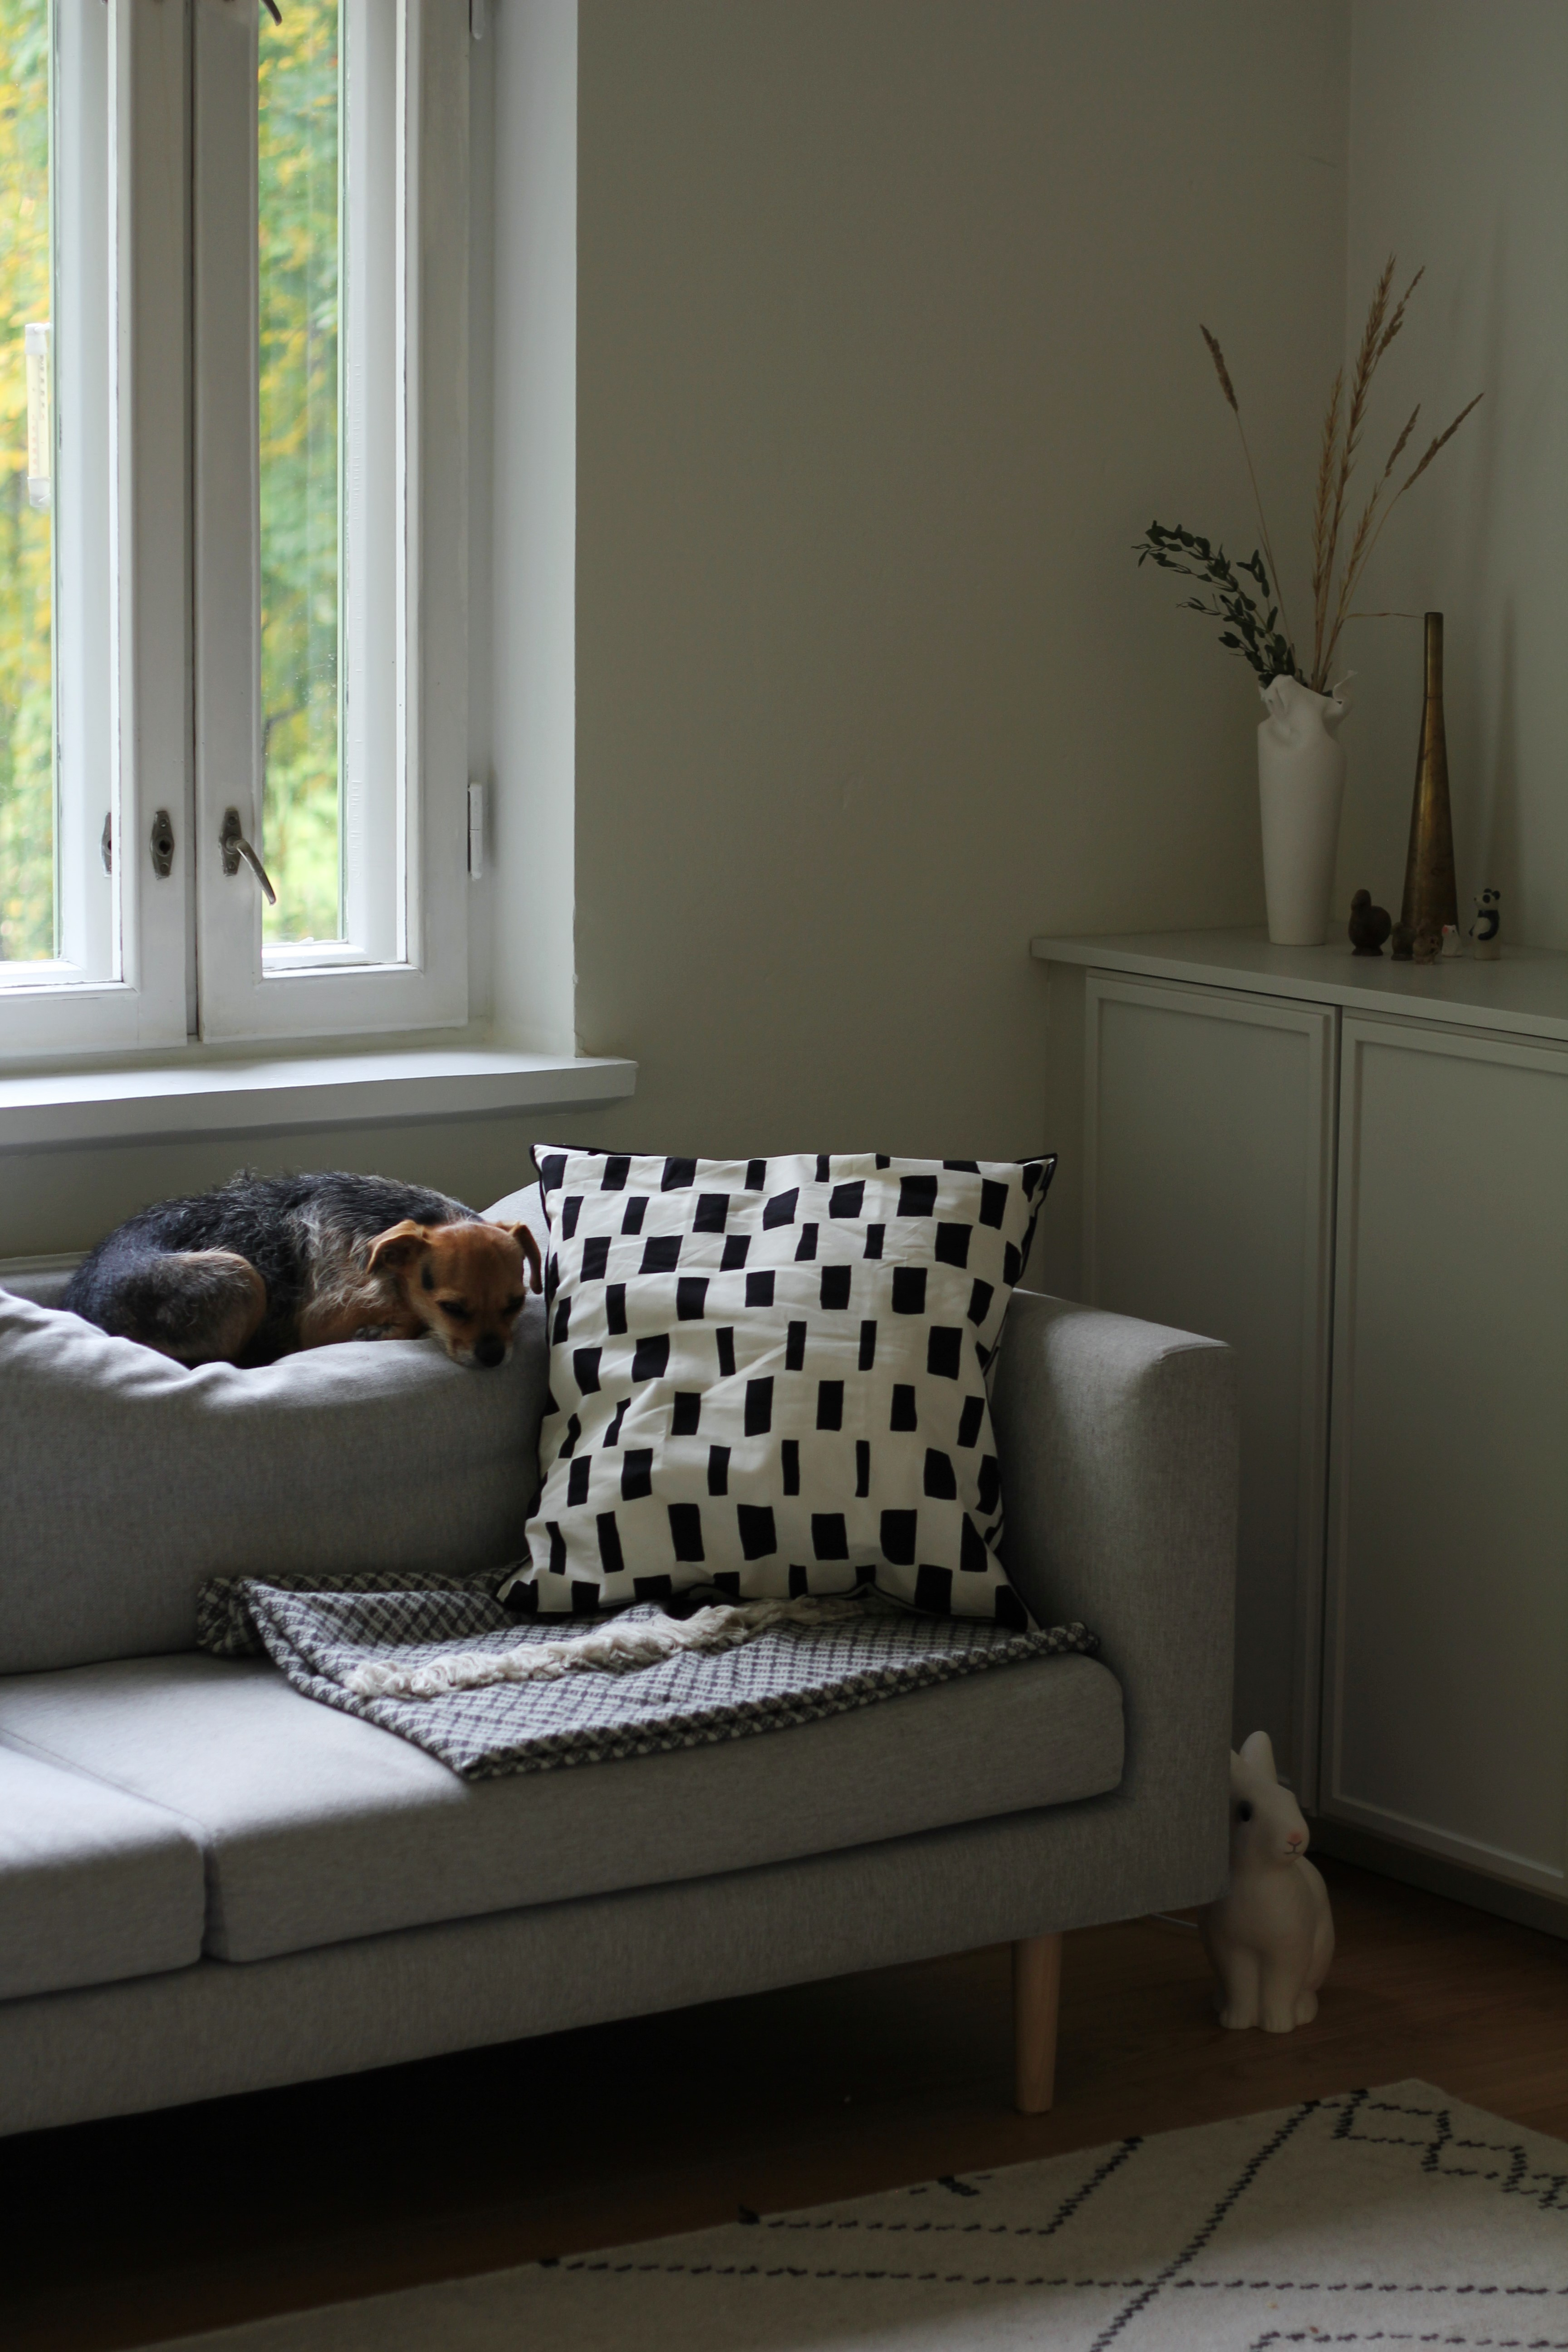 Viltti sohvalla on ihanan karhea ja napakka Marimekon Kopeekka vuoden takaa. Matto ja sohva ovat myös kotimaisia: sohva Hakolan kolmenistuttava Cosy ja matto Mum`s Designin Koko Iäksi.